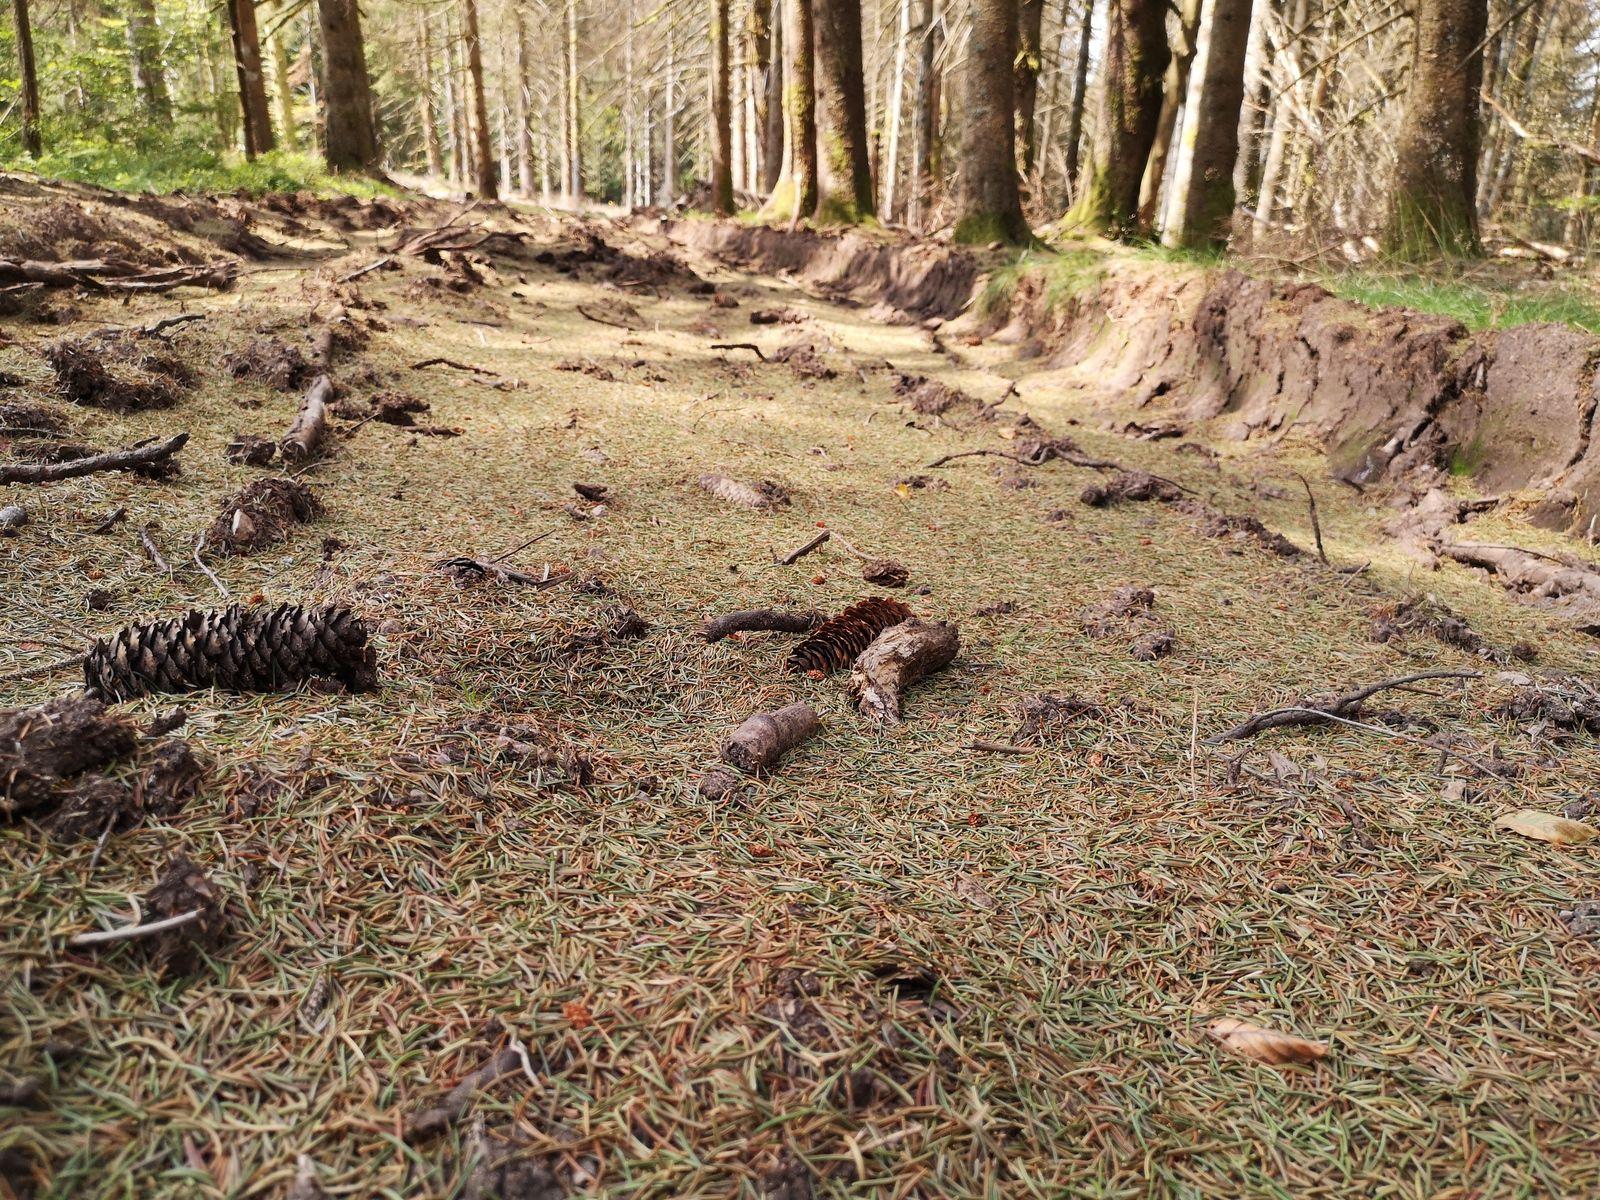 Un tapis d'aiguilles d'épicéa!!!! Malheureusement, ce n'est pas bon signe pour la forêt. La sécheresse et les scolytes font des ravages.